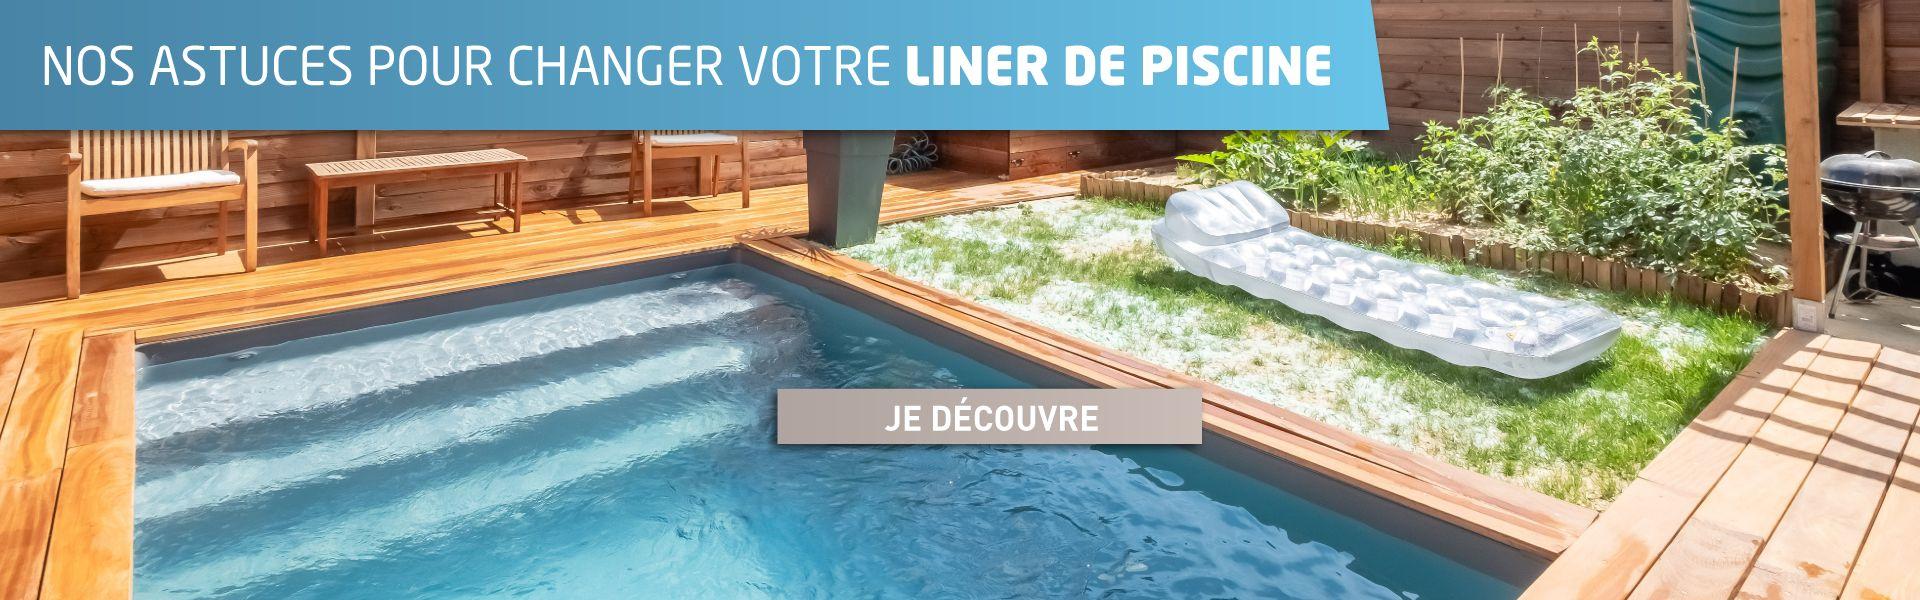 Cash Piscines - Tout Pour La Piscine & Spas Gonflables ... concernant Piscine Discount Firminy